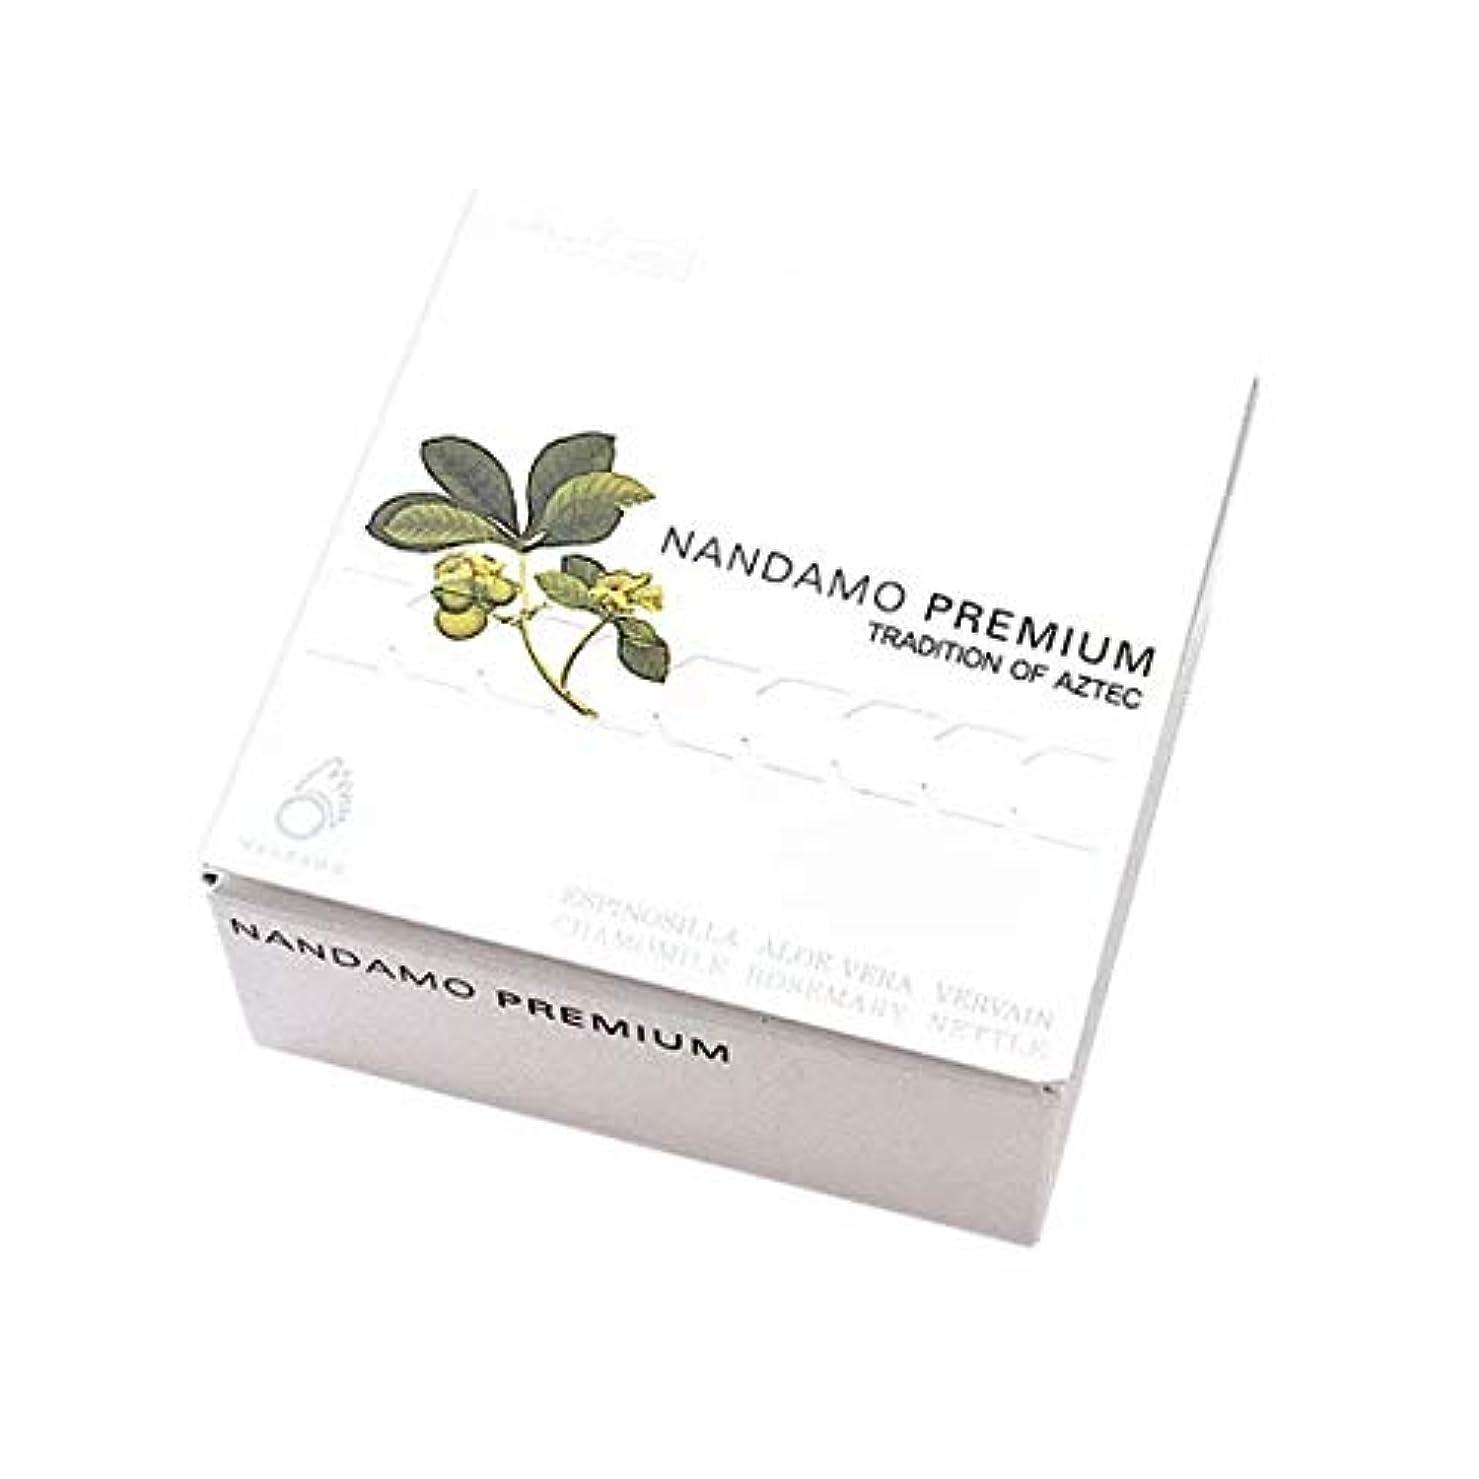 ソフトウェアトーク資格情報NANDAMO PREMIUM ナンダモプレミアム 天然ハーブ100%石鹸 お得セット 6箱セット + 1箱プレゼント